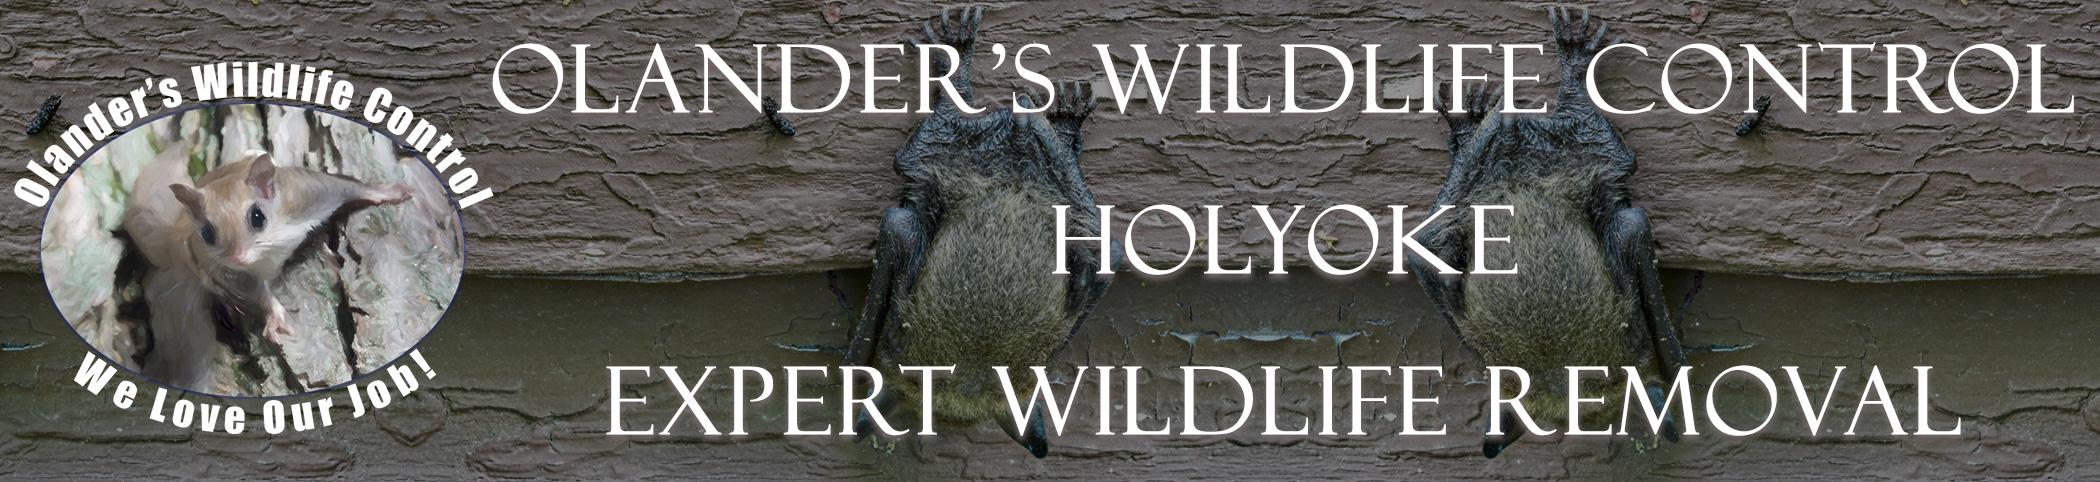 olanders-wildlife-control-holyoke-mass-header-image